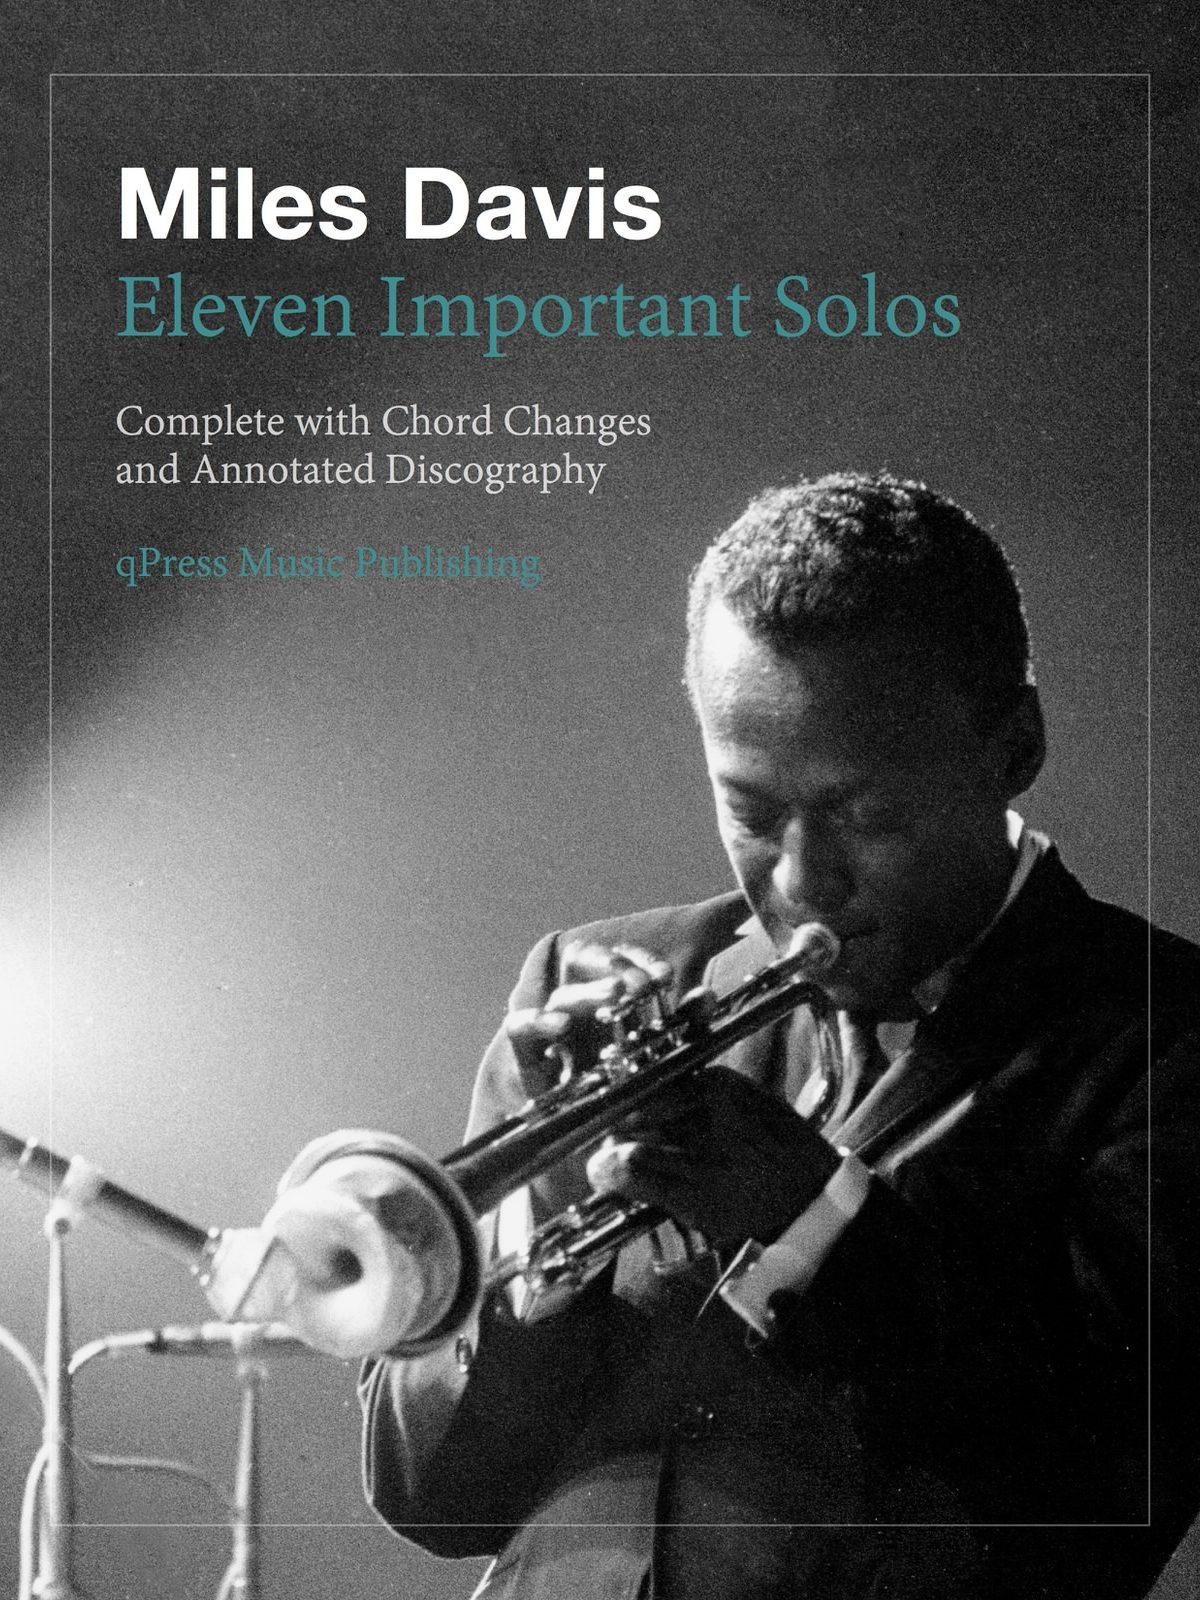 Miles Davis, 11 Important Solos-p01